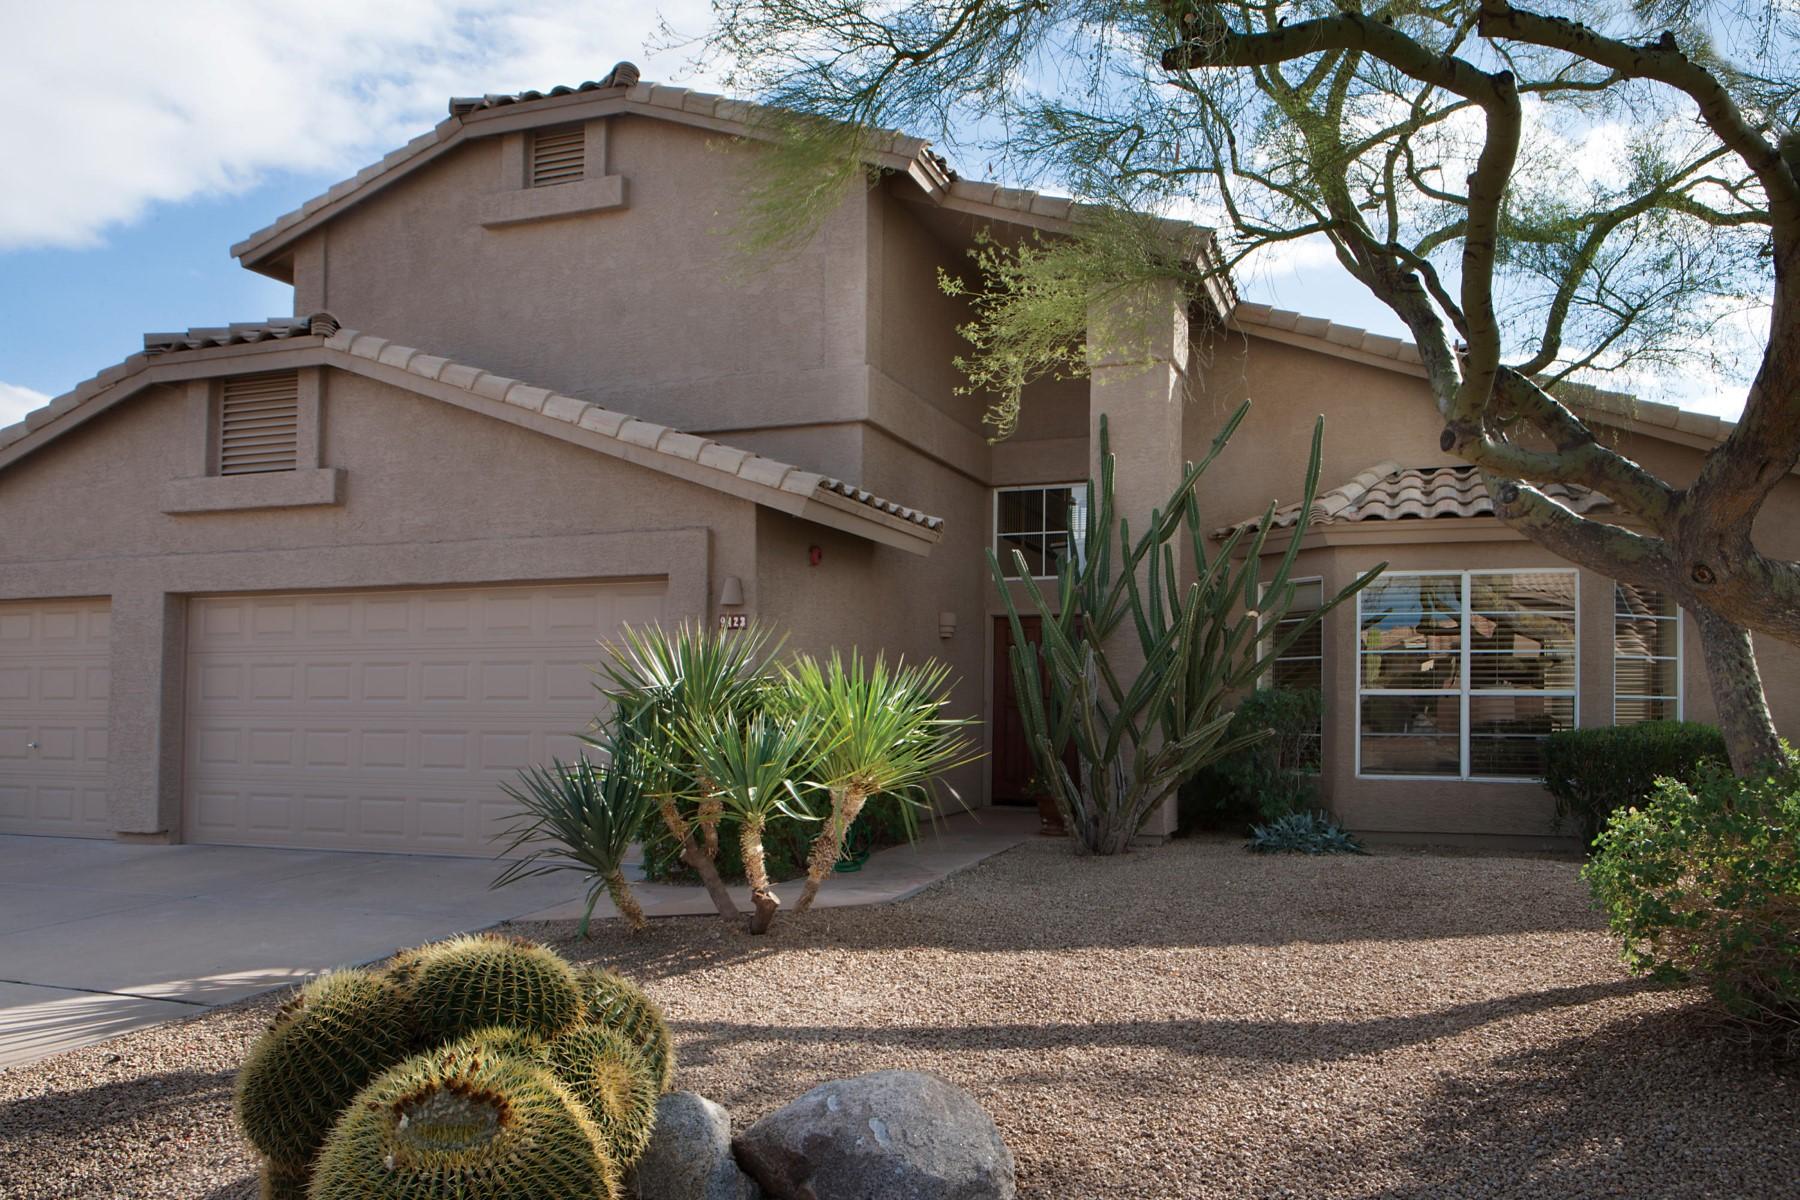 Casa para uma família para Venda às Immaculately maintained Ironwood Village 9423 E Rosemonte Dr Scottsdale, Arizona, 85255 Estados Unidos